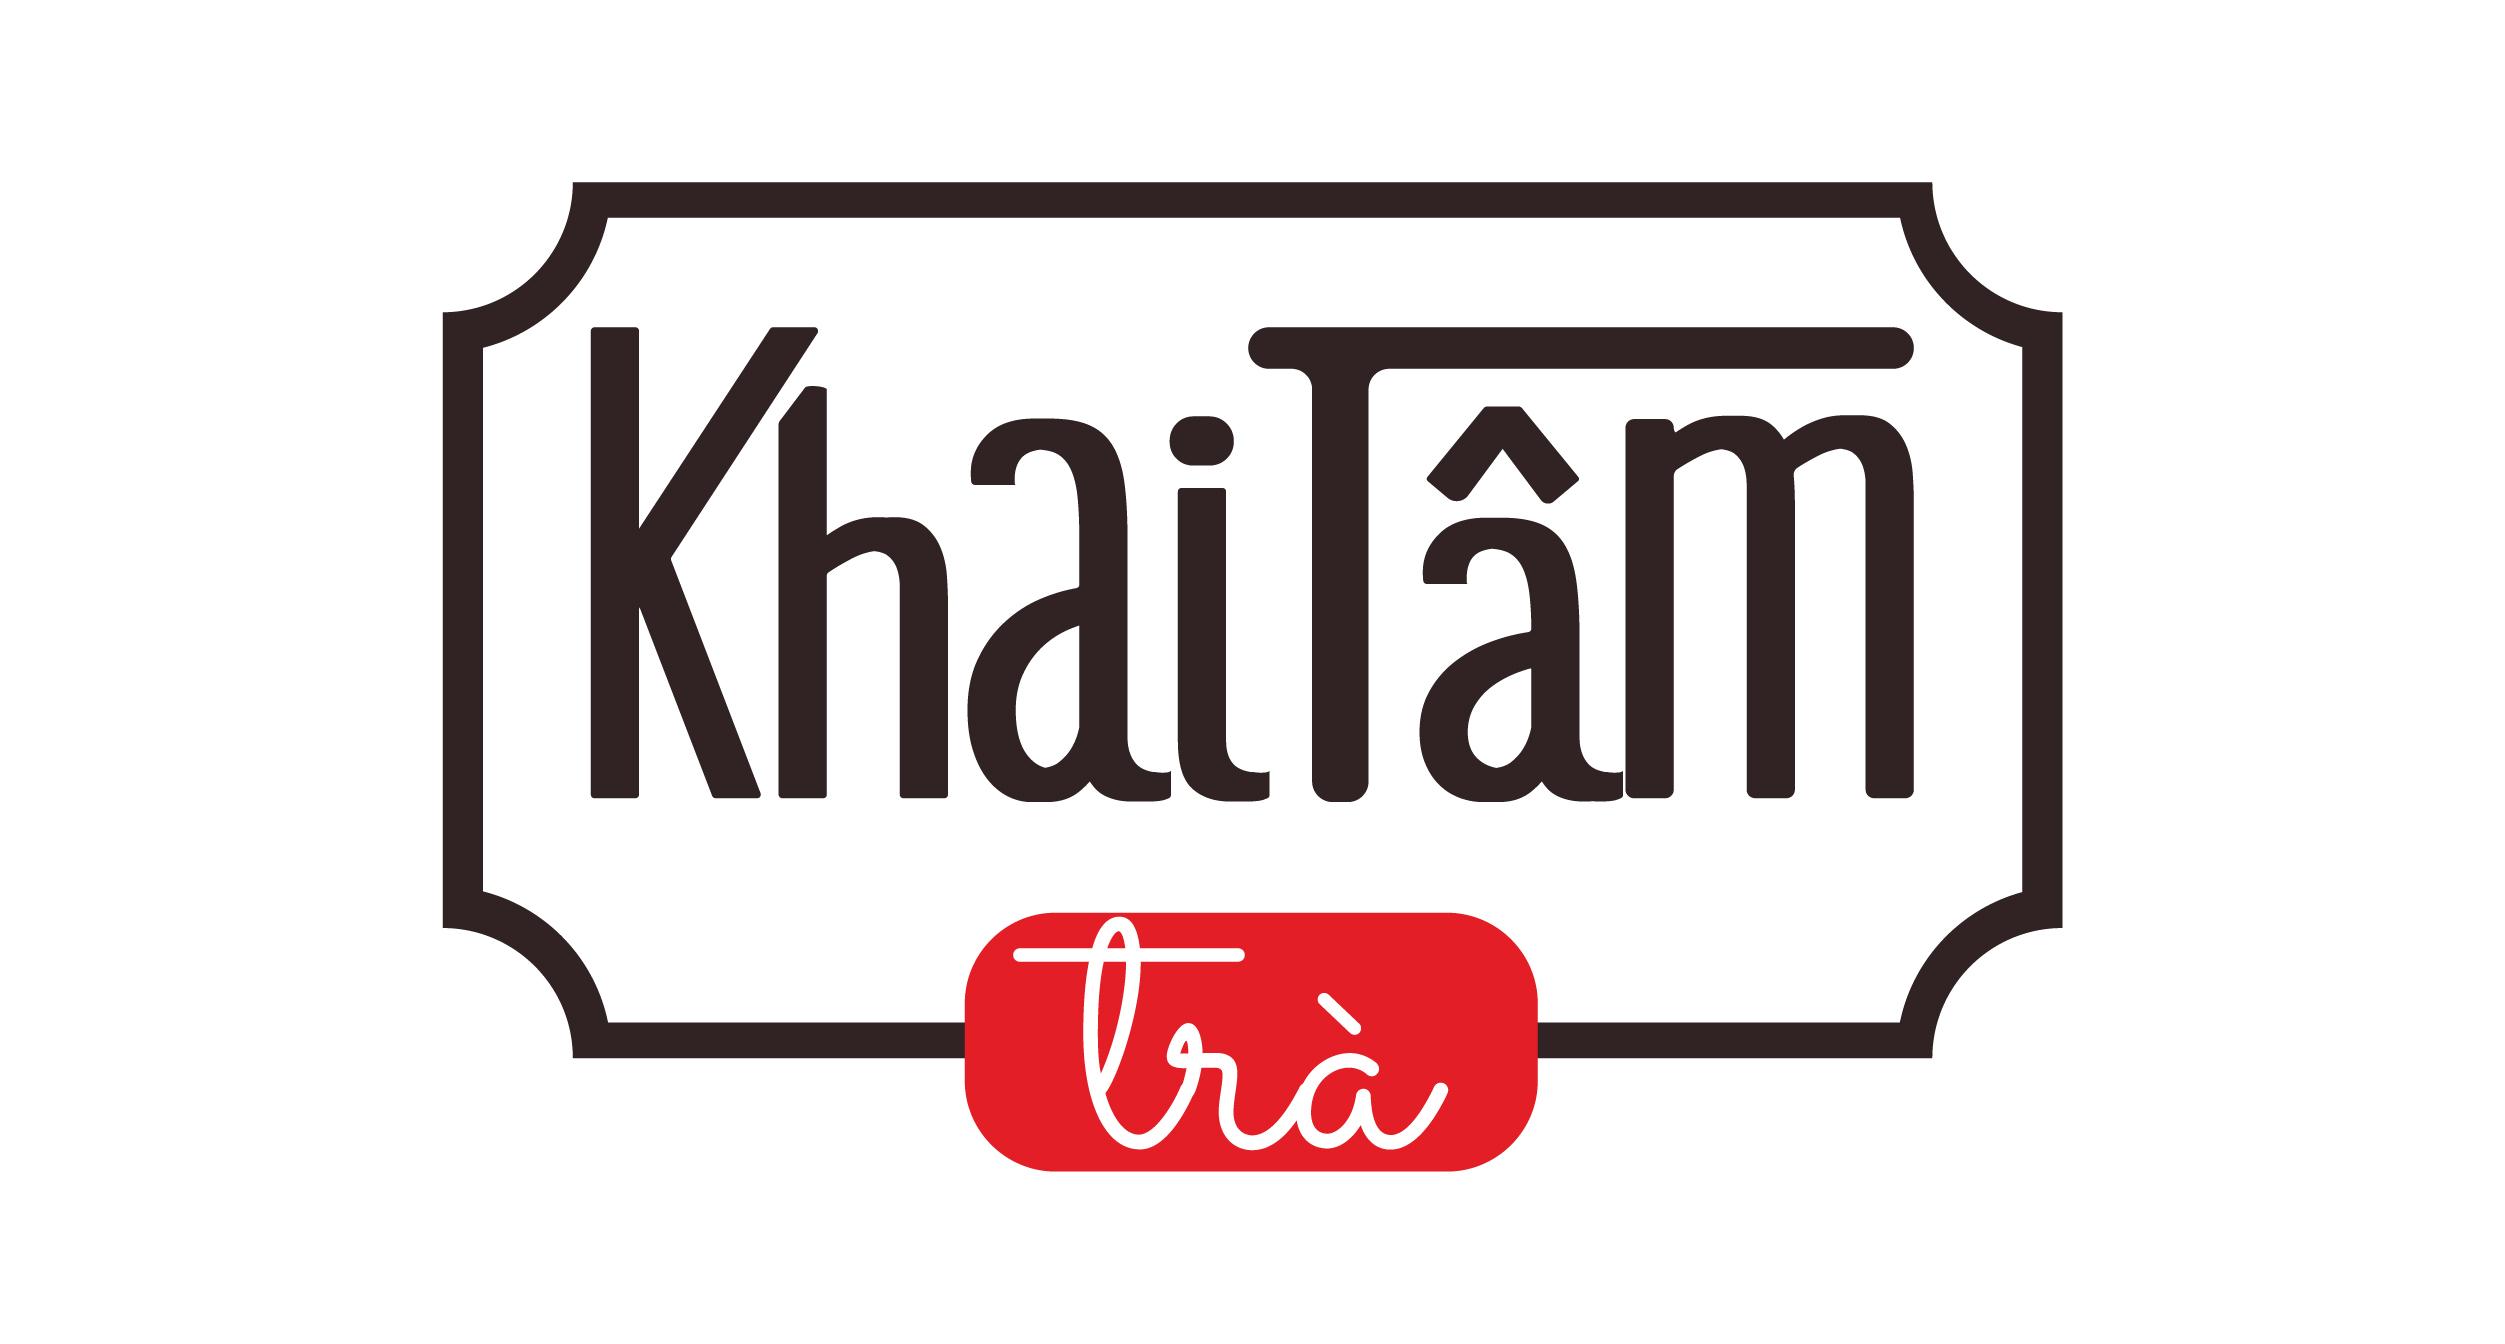 Thiết kế logo vintage cho quán trà tại Hà Nội